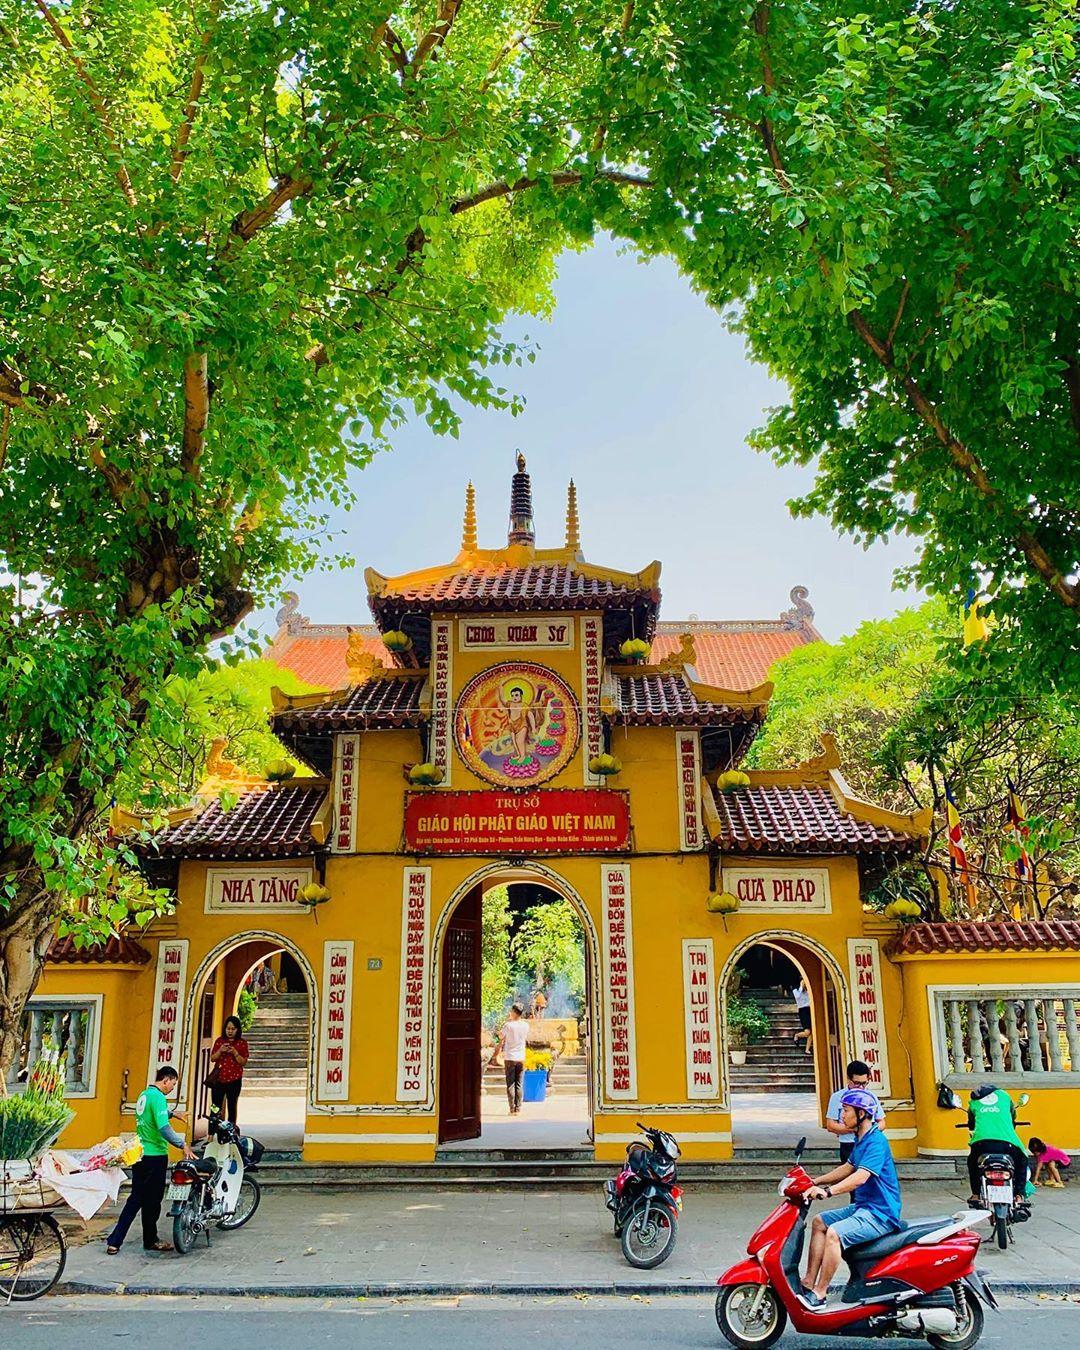 Nhân ngày Thất Tịch, cùng dạo quanh những ngôi chùa cầu duyên nổi tiếng nhất Hà Nội và Sài Gòn - Ảnh 6.